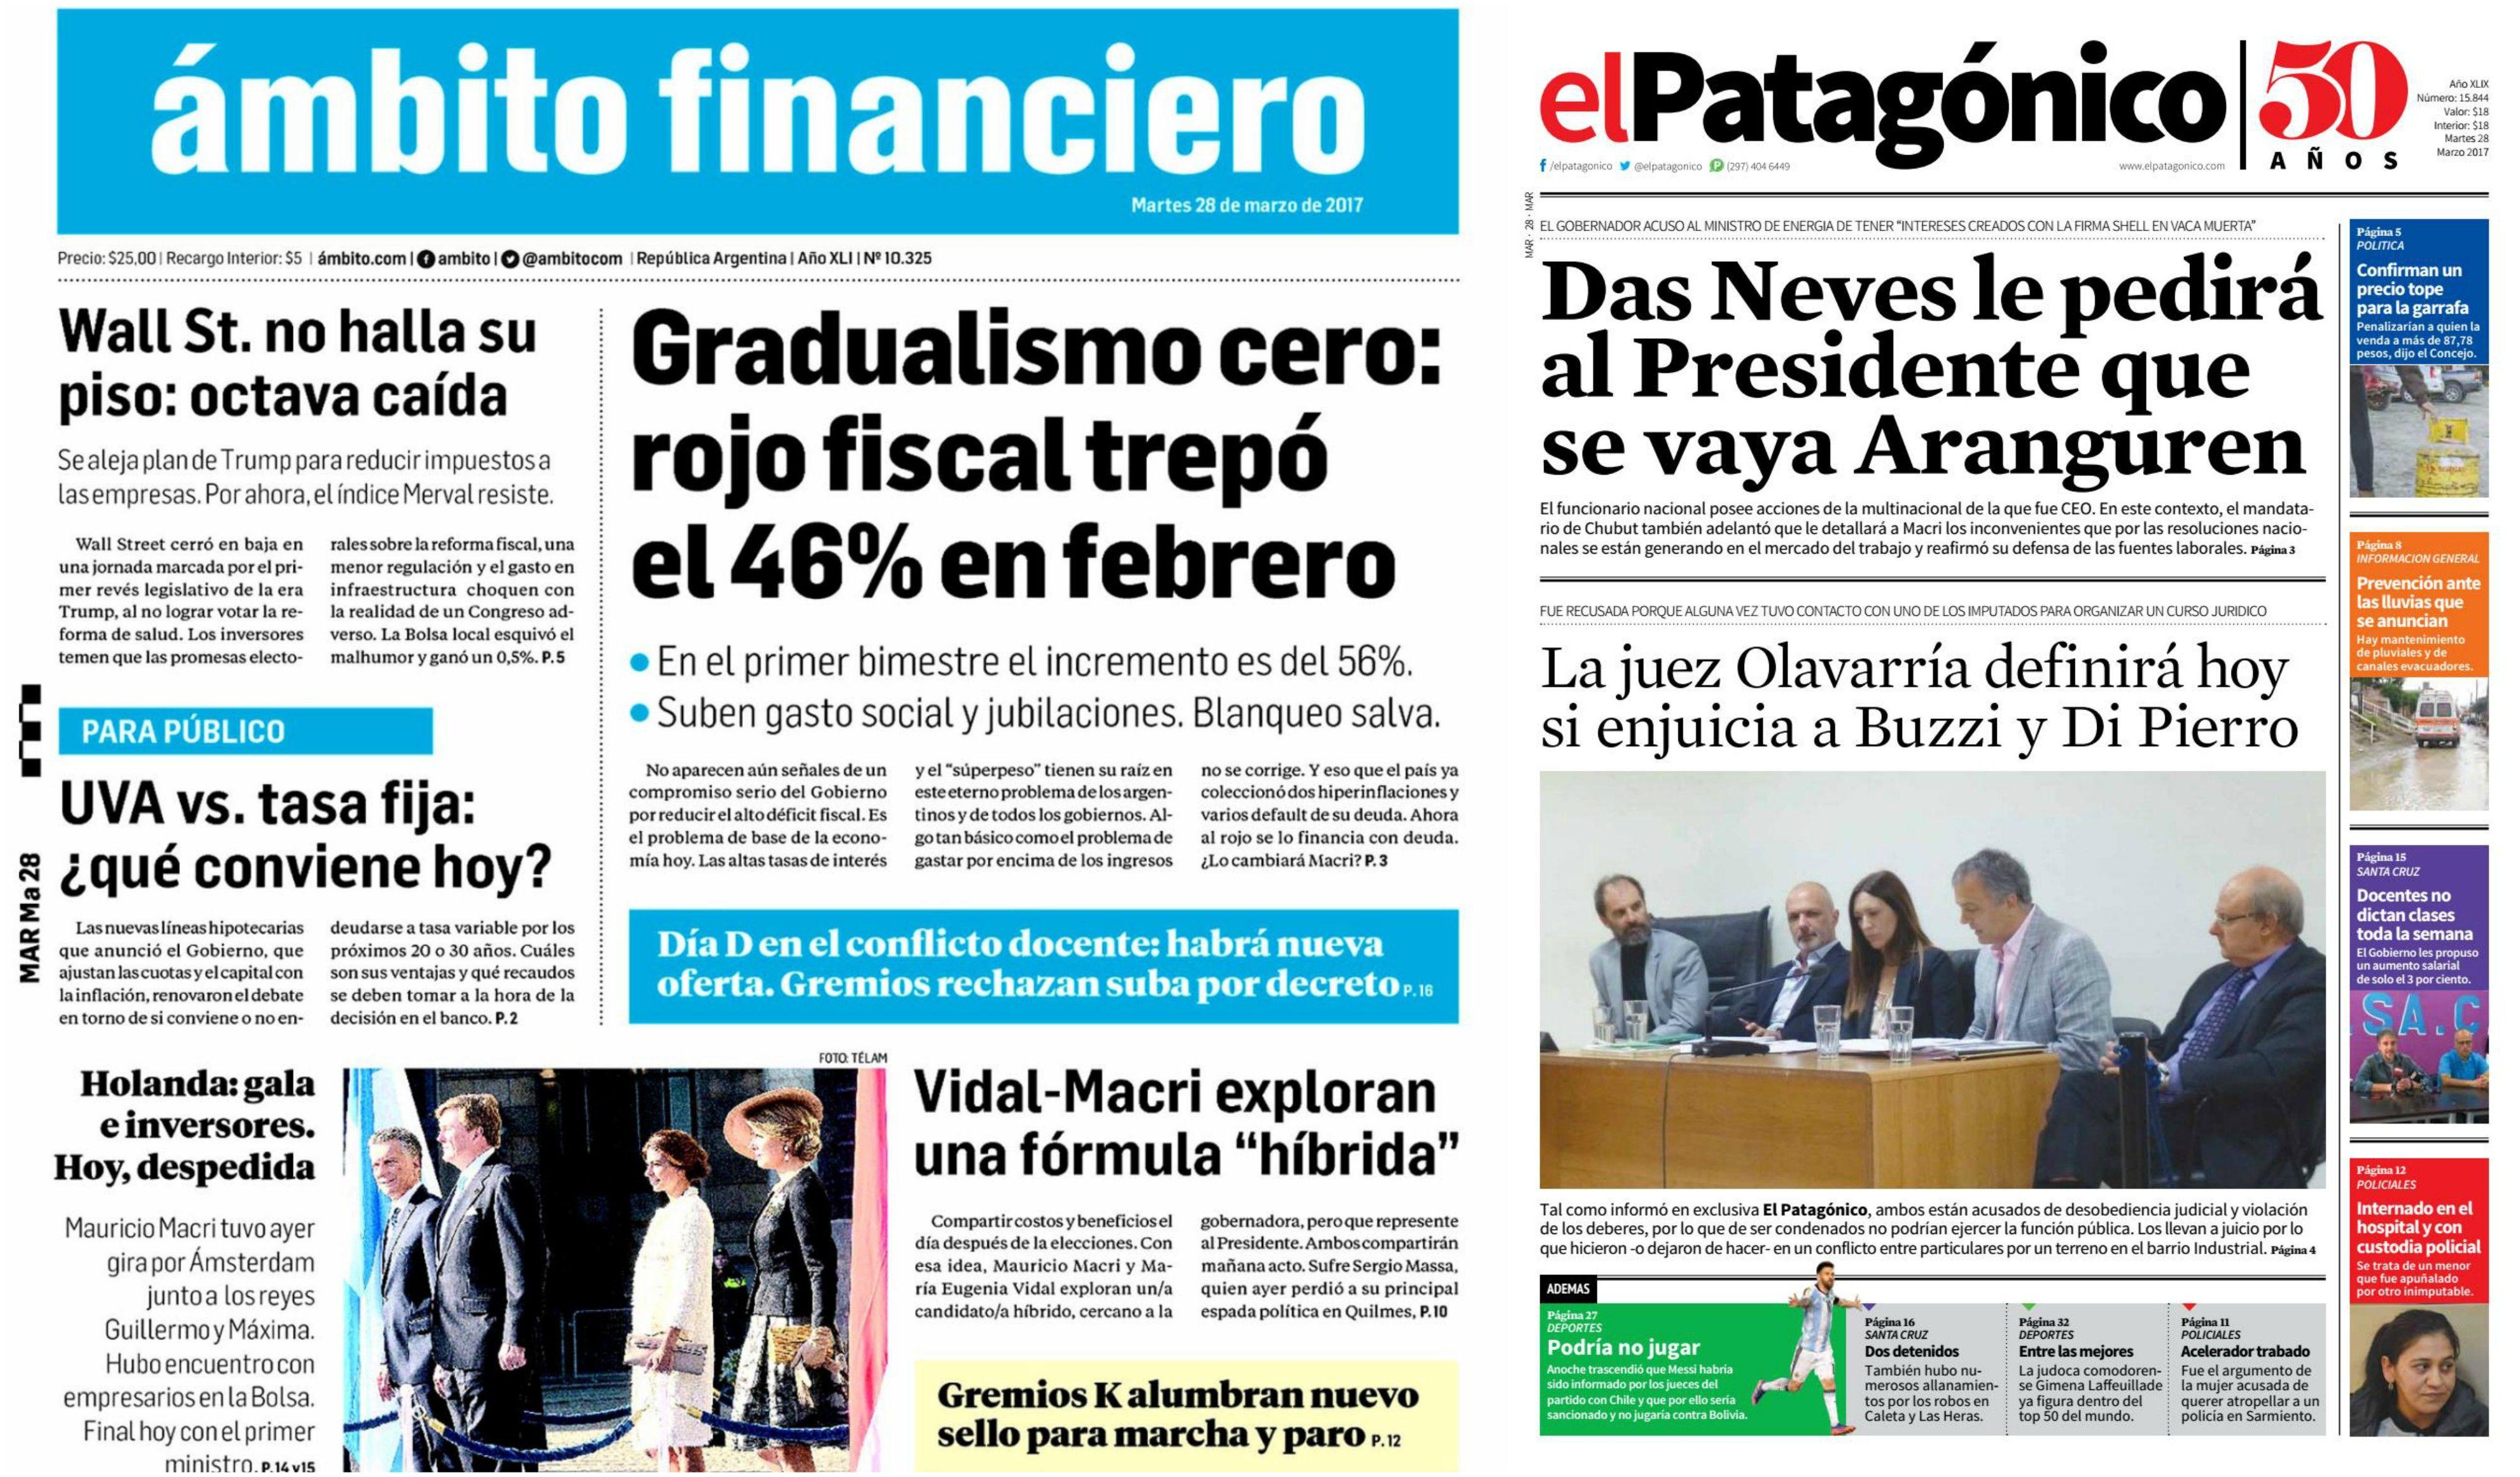 Tapas de diarios del 28 de marzo de 2017